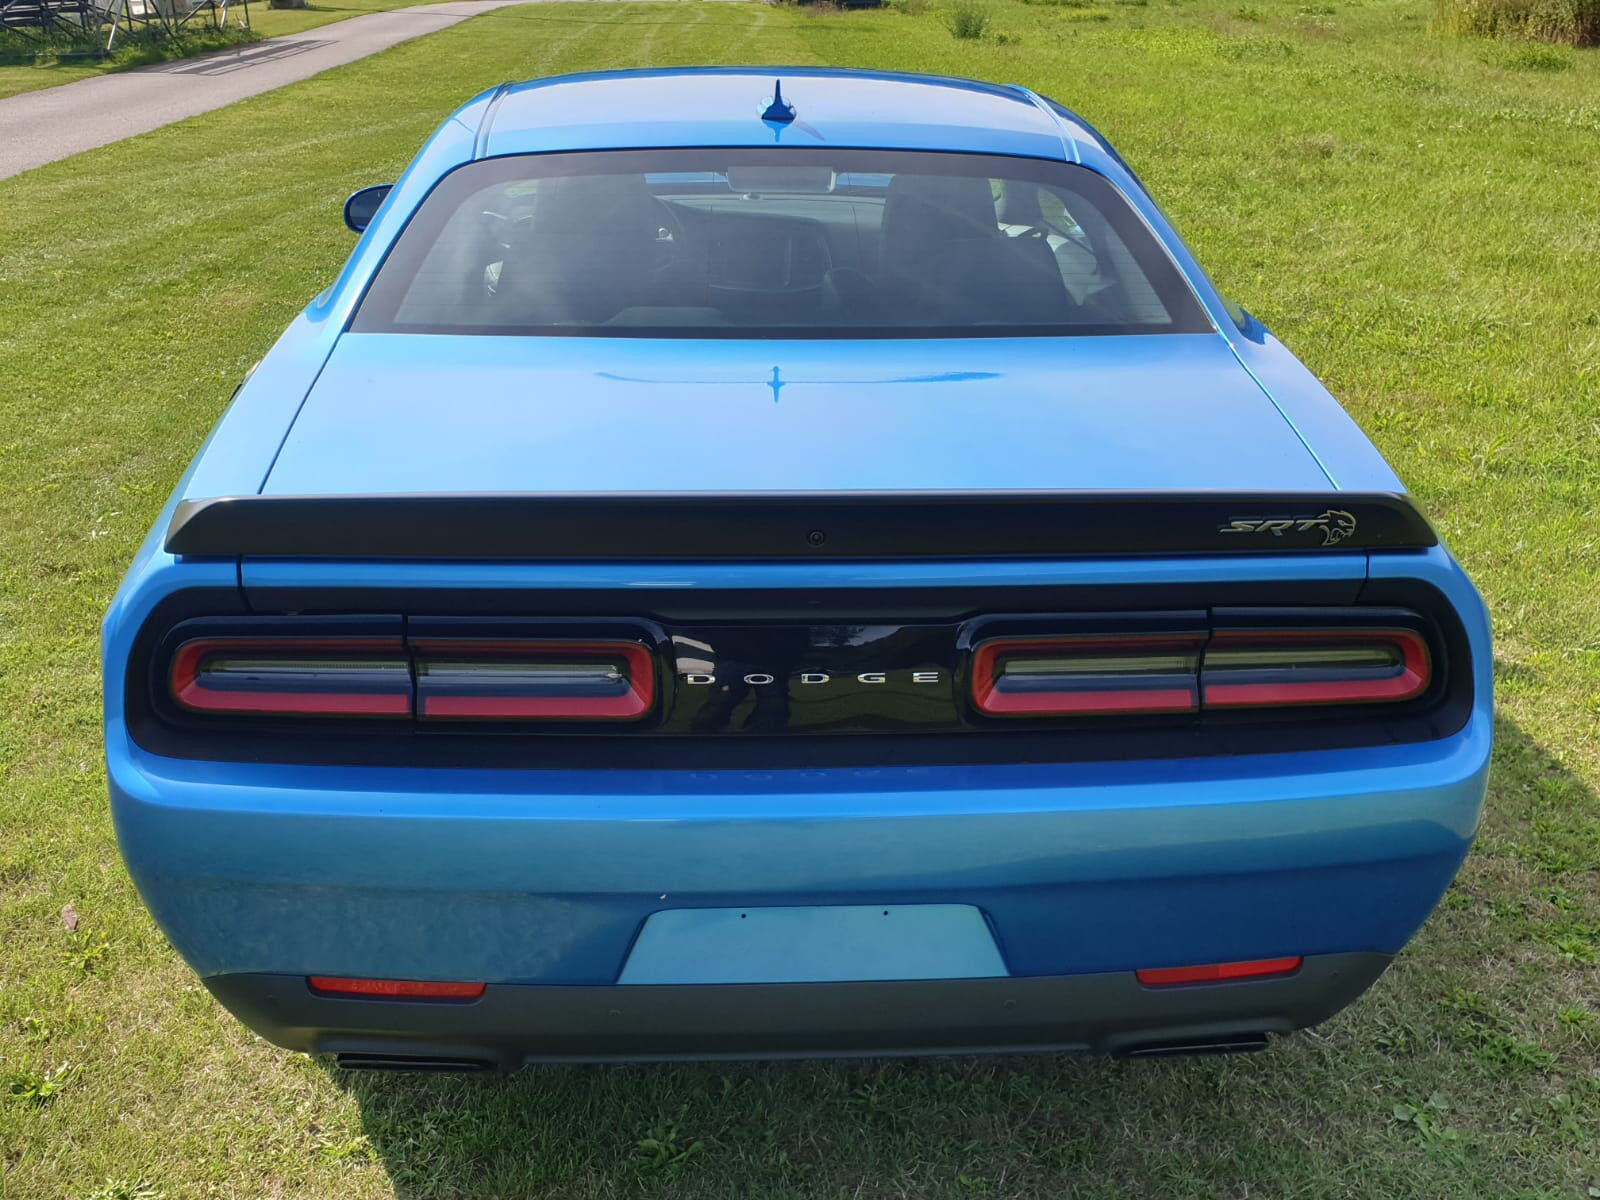 Dodge Challenger 6.2 SRT Redeye Auto.